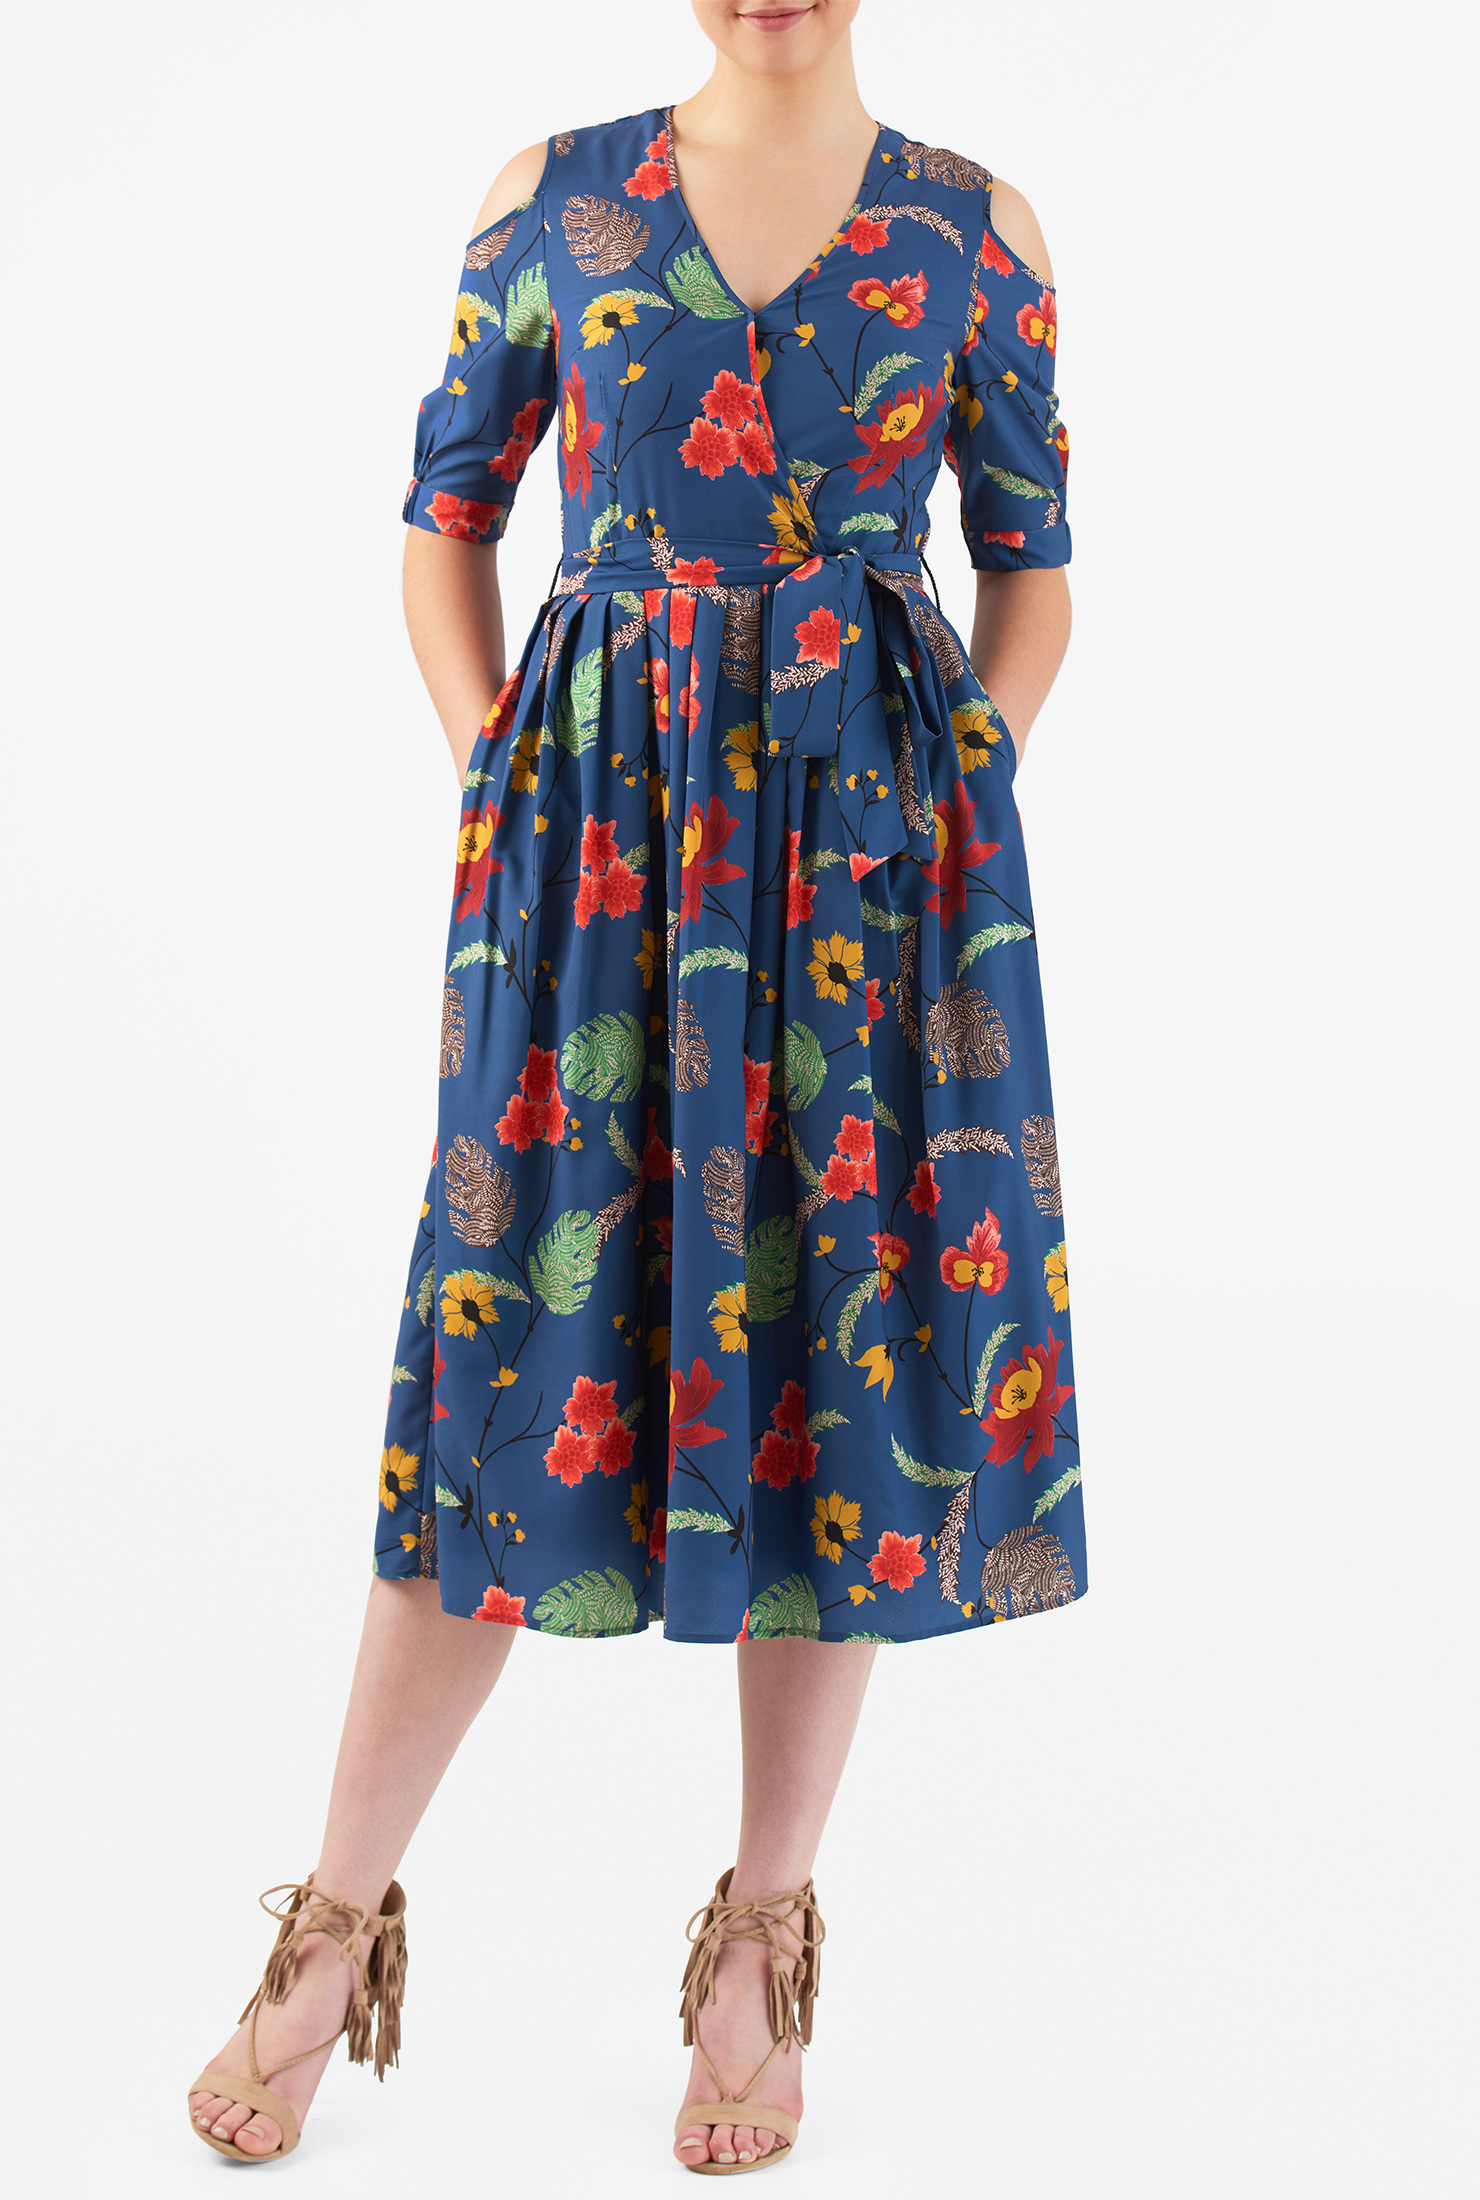 eShakti Women's Cold shoulder floral print crepe dress CL0050117